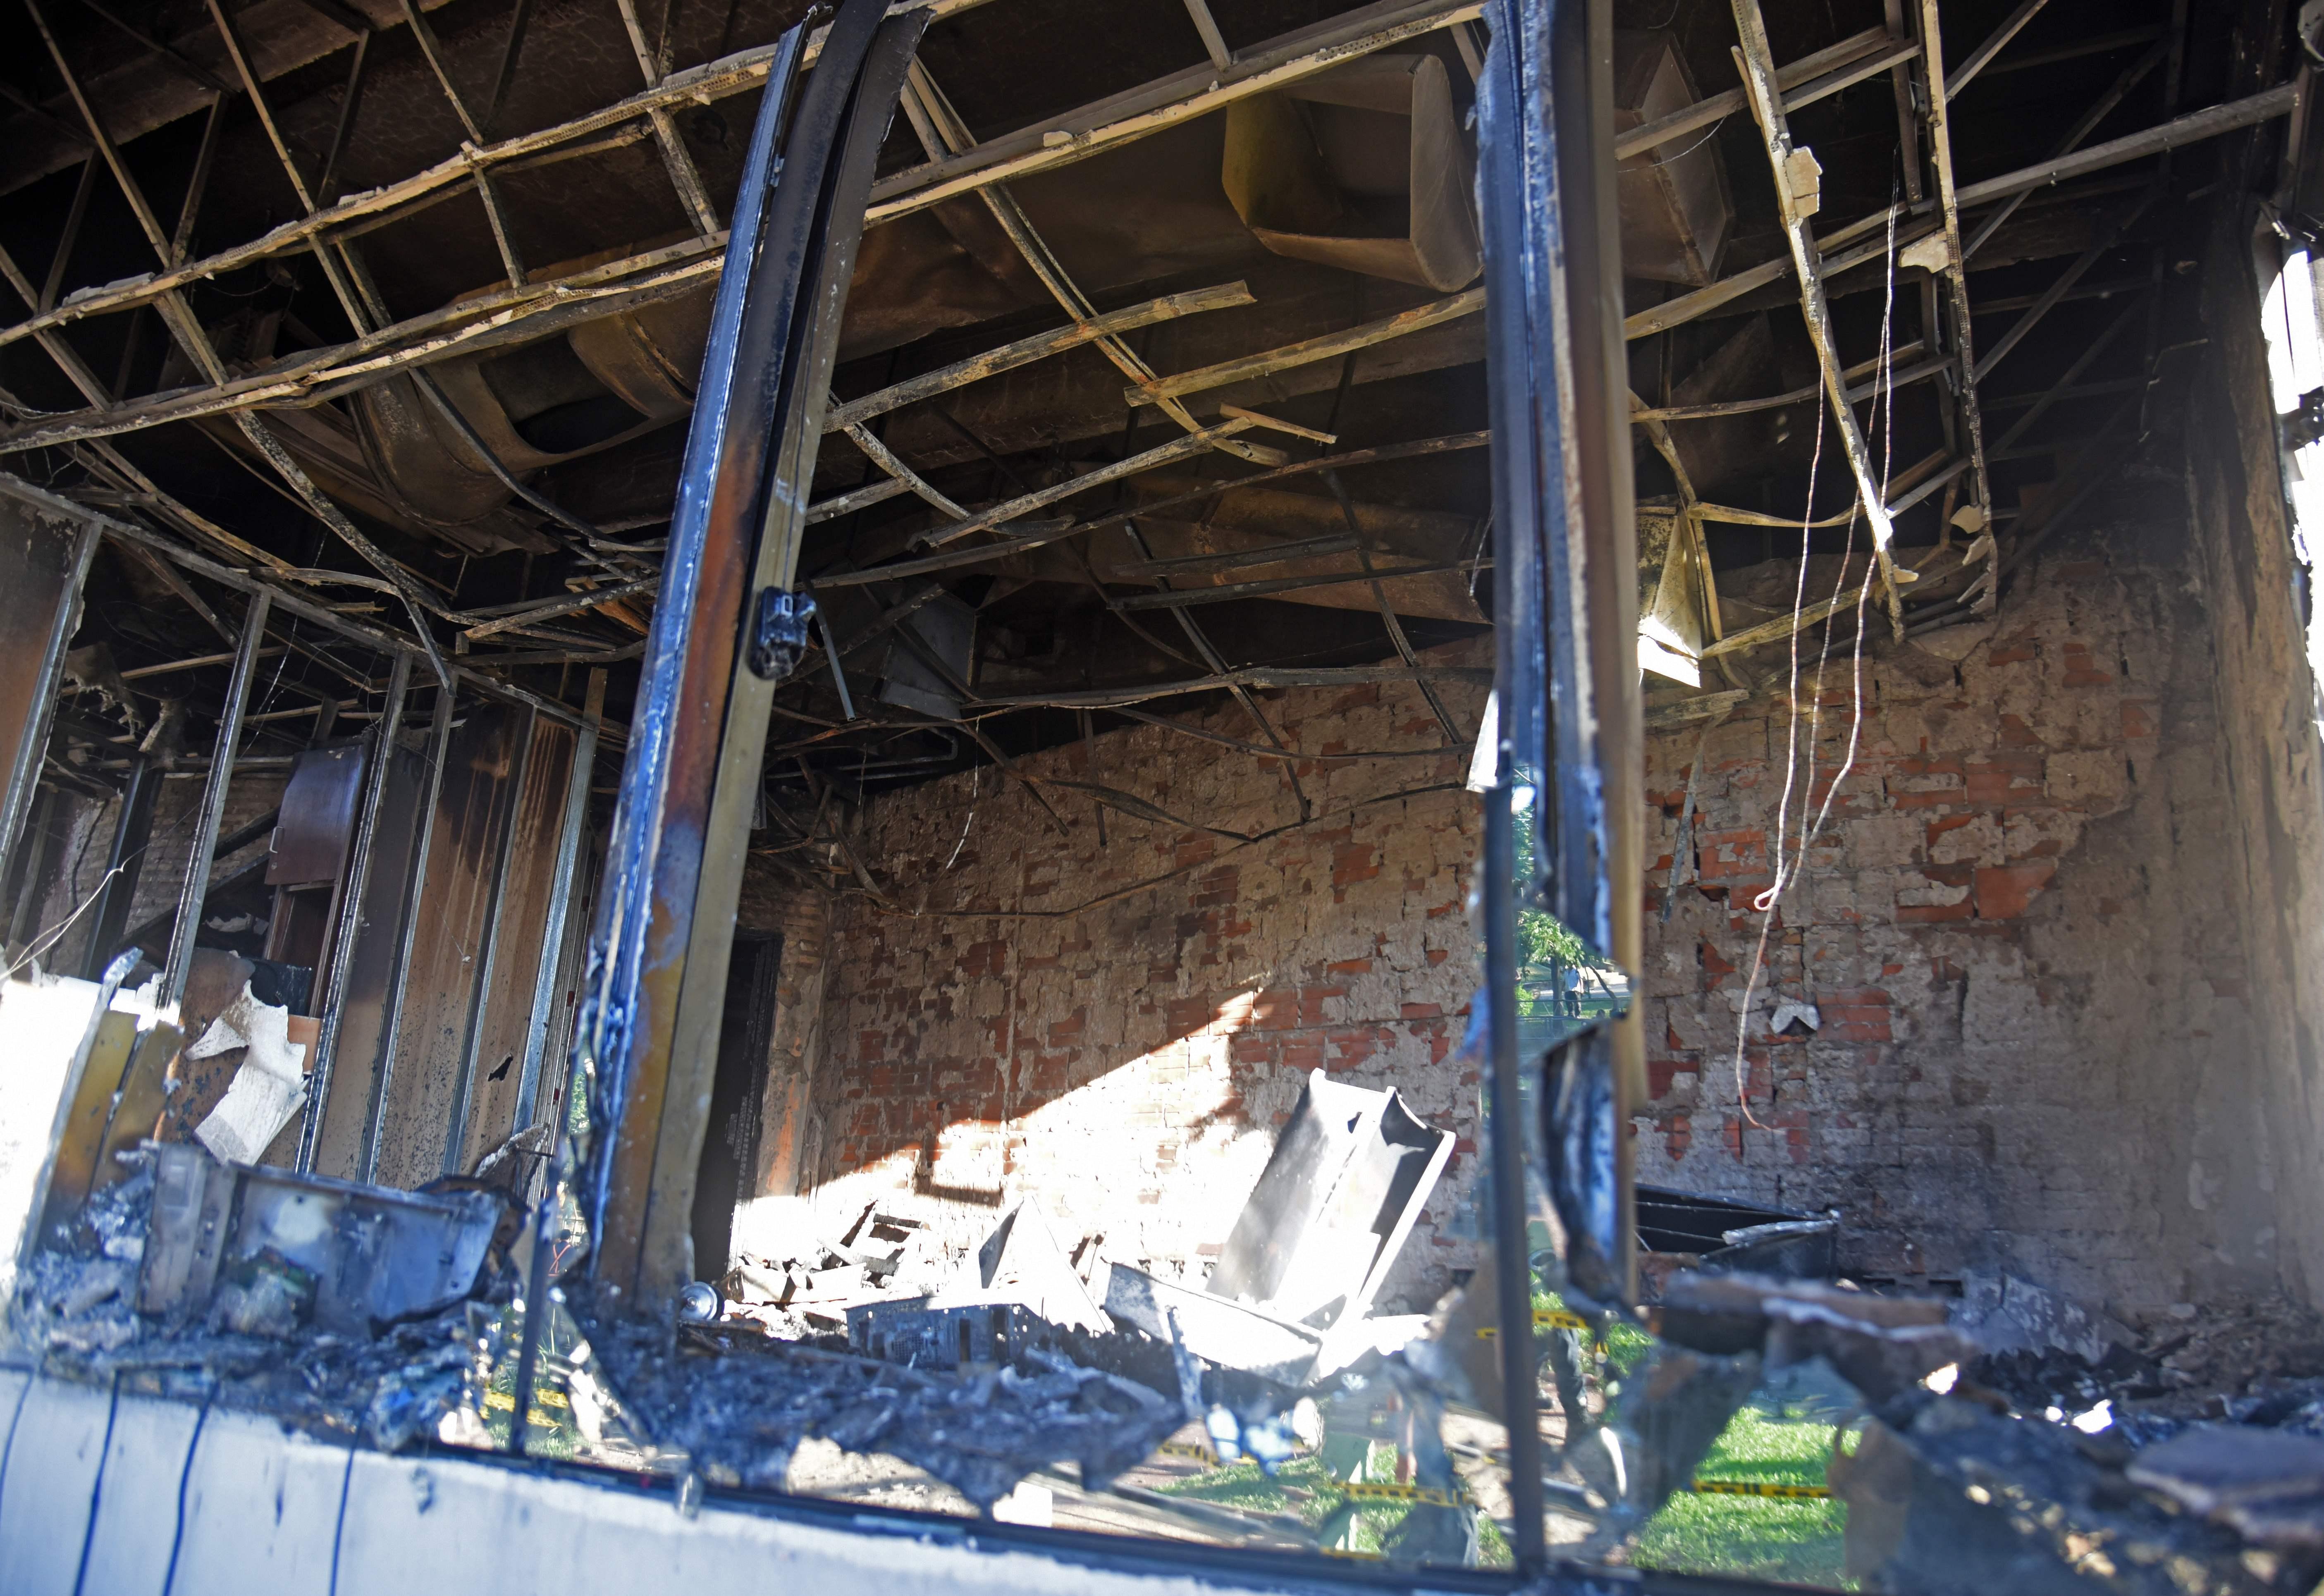 جانب من الأضرار بعد الاحتجاجات